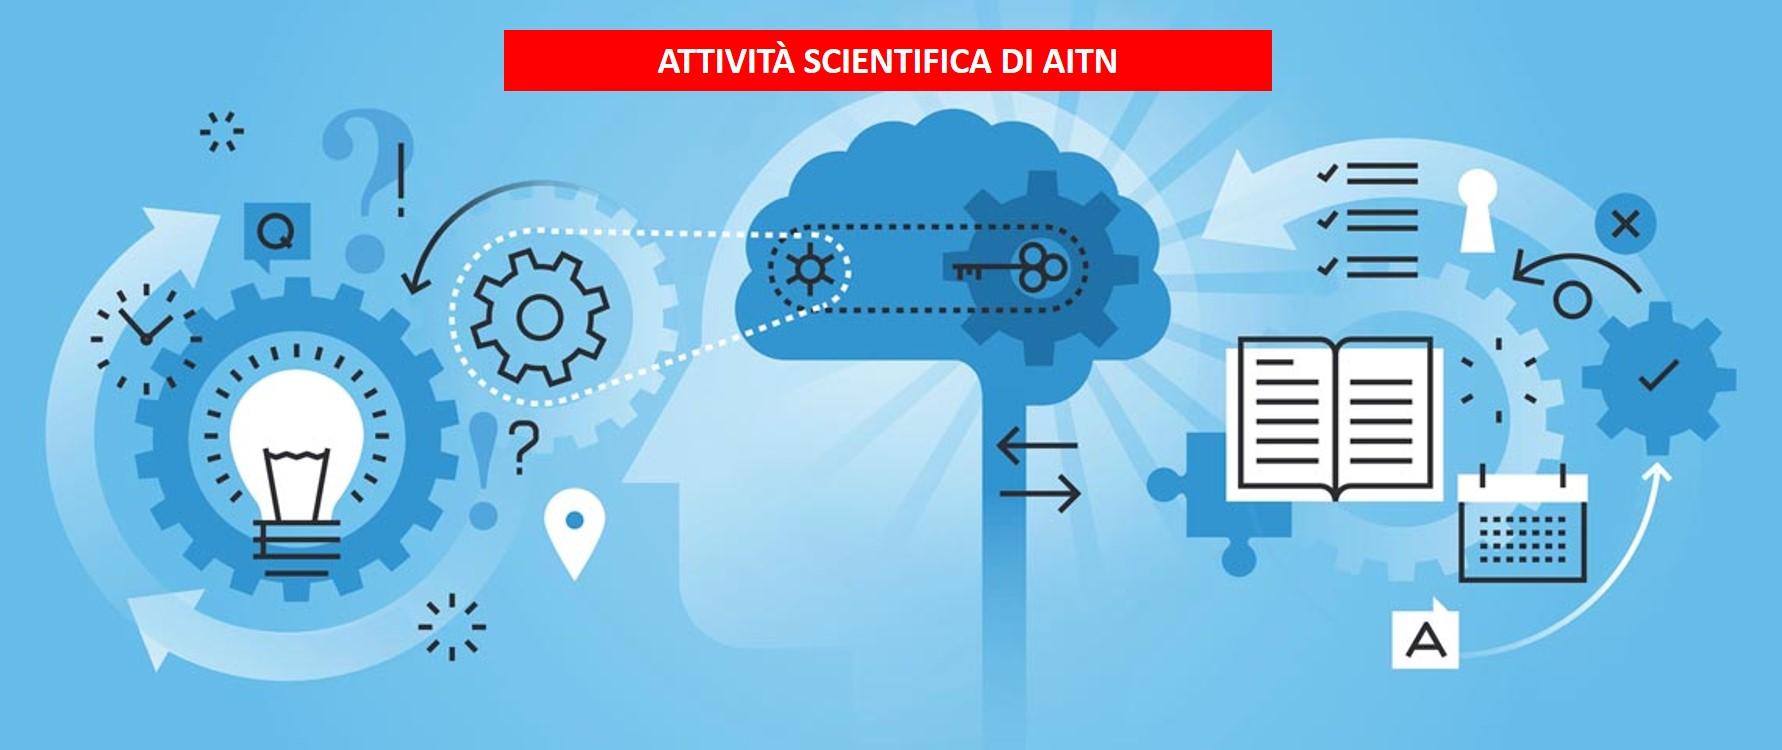 attività-scientifica